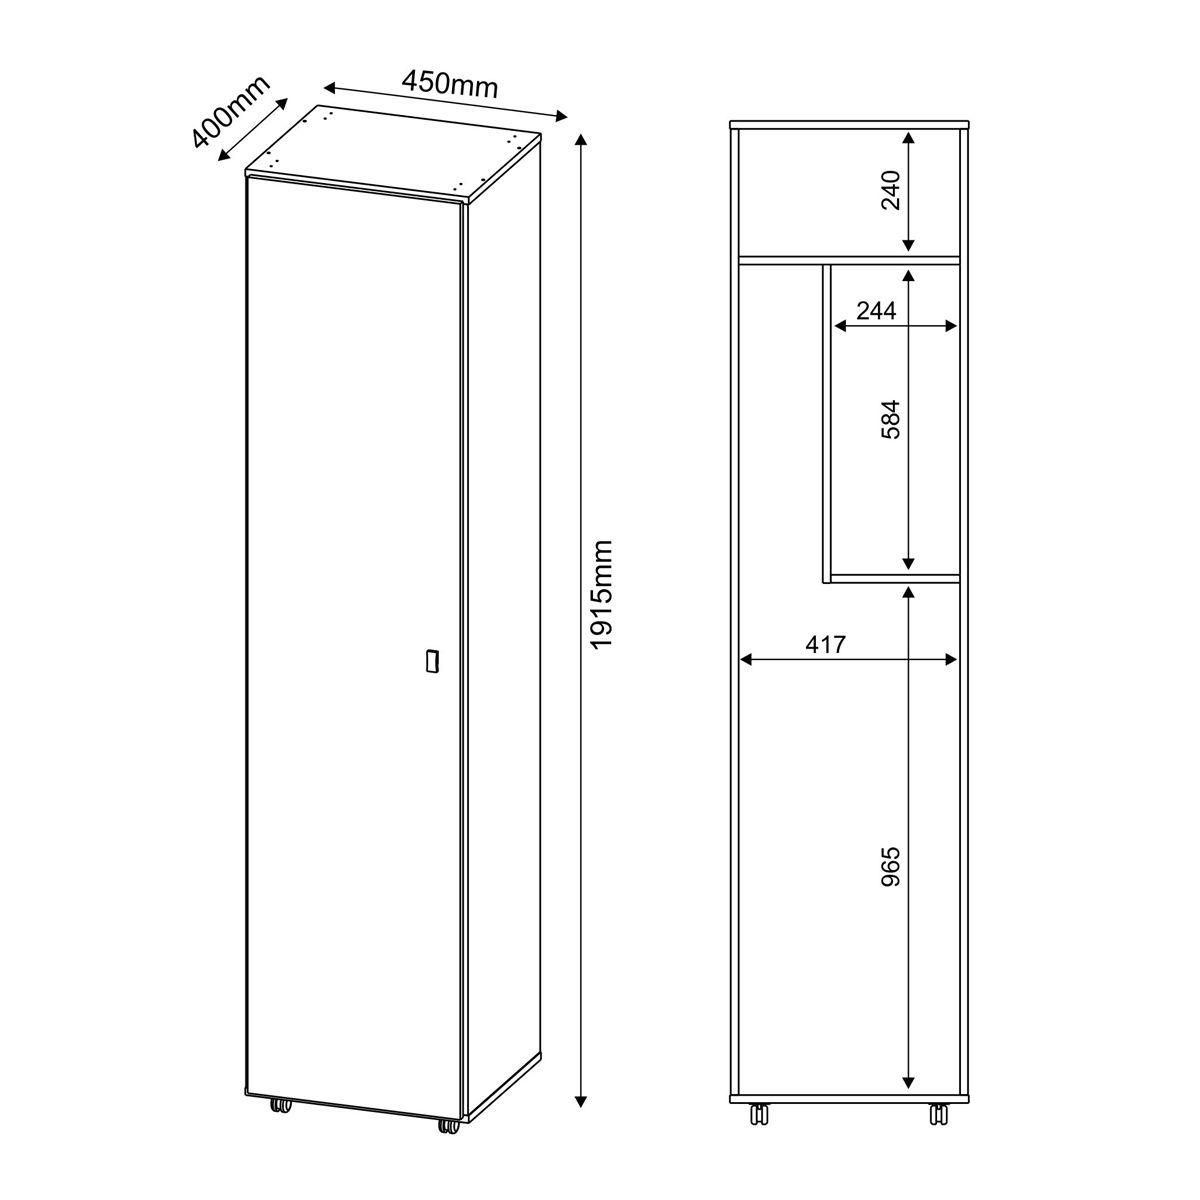 armario multiuso 1 porta tecno mobili 1200